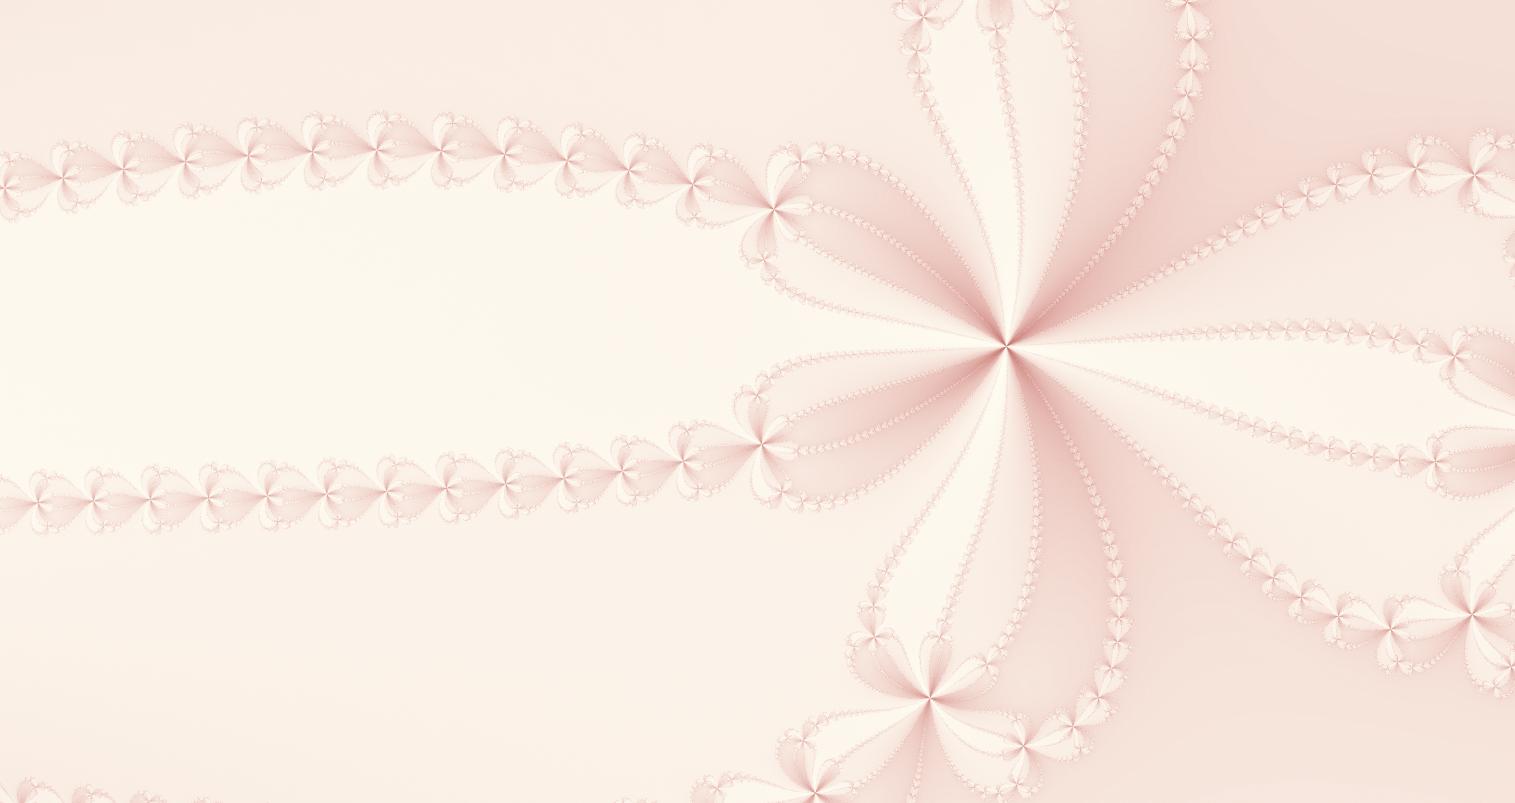 【フリー背景画像】おしゃれ&きれいなレース風の壁紙素材ピンク